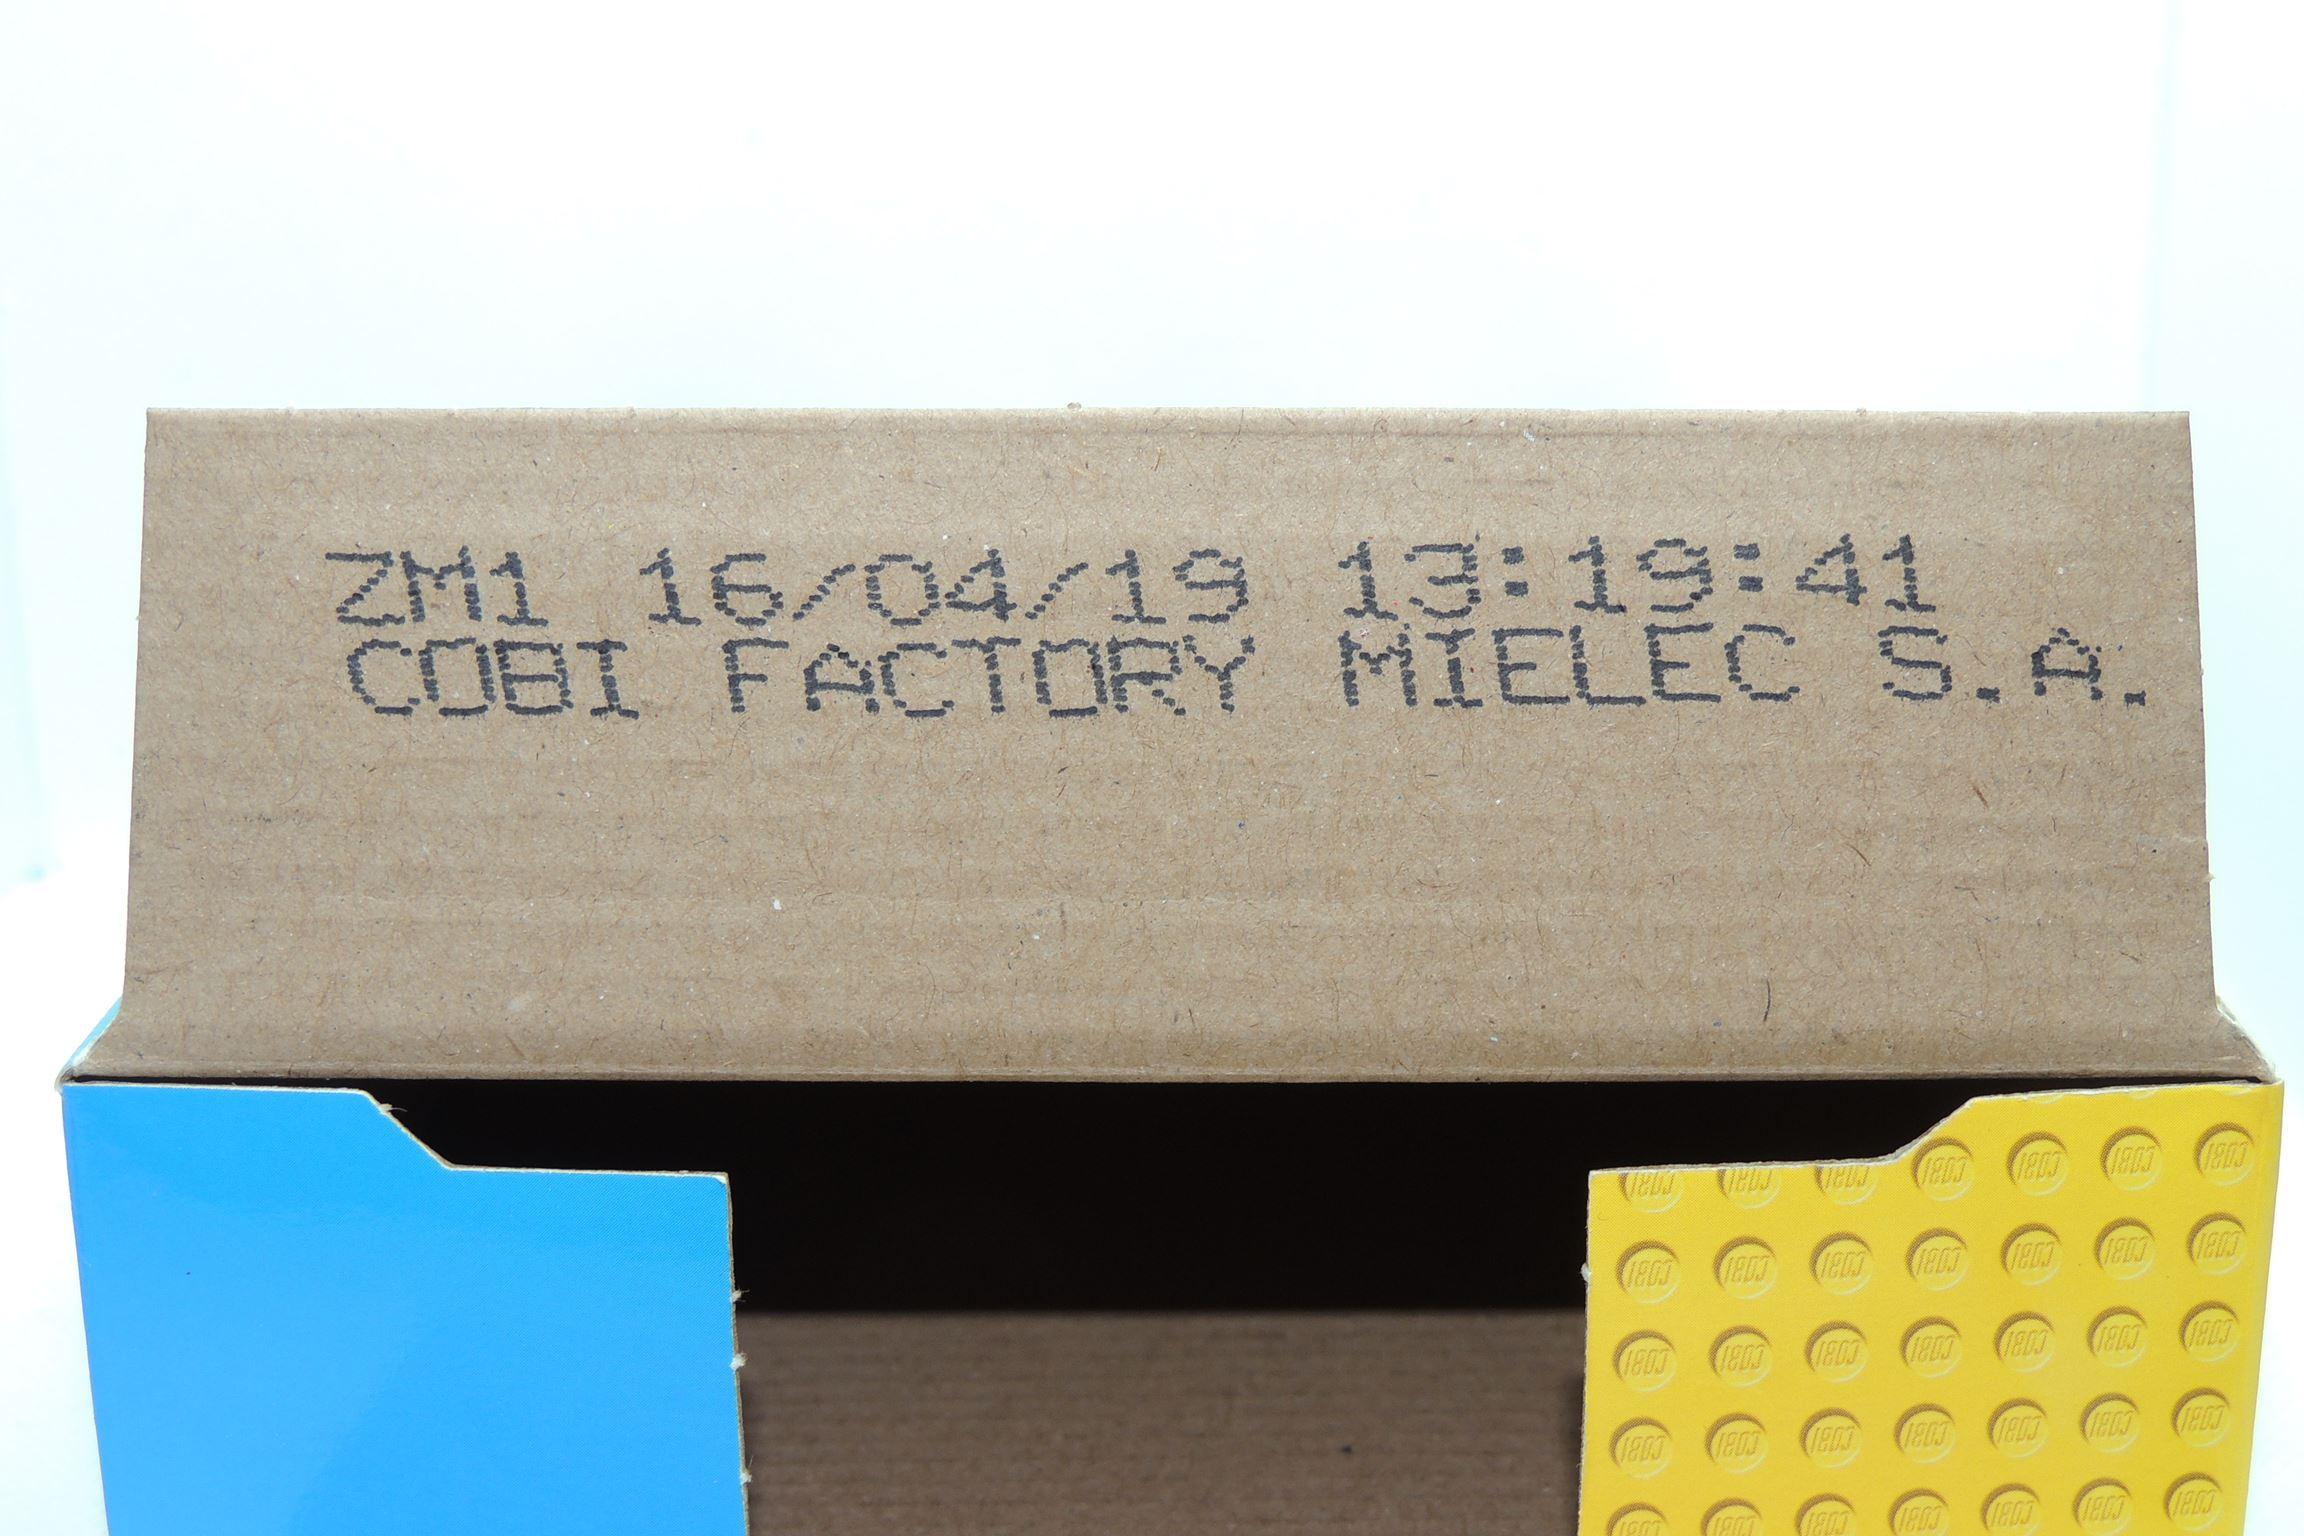 Produktionsstempel in der Innenseite der Seitenlasche.